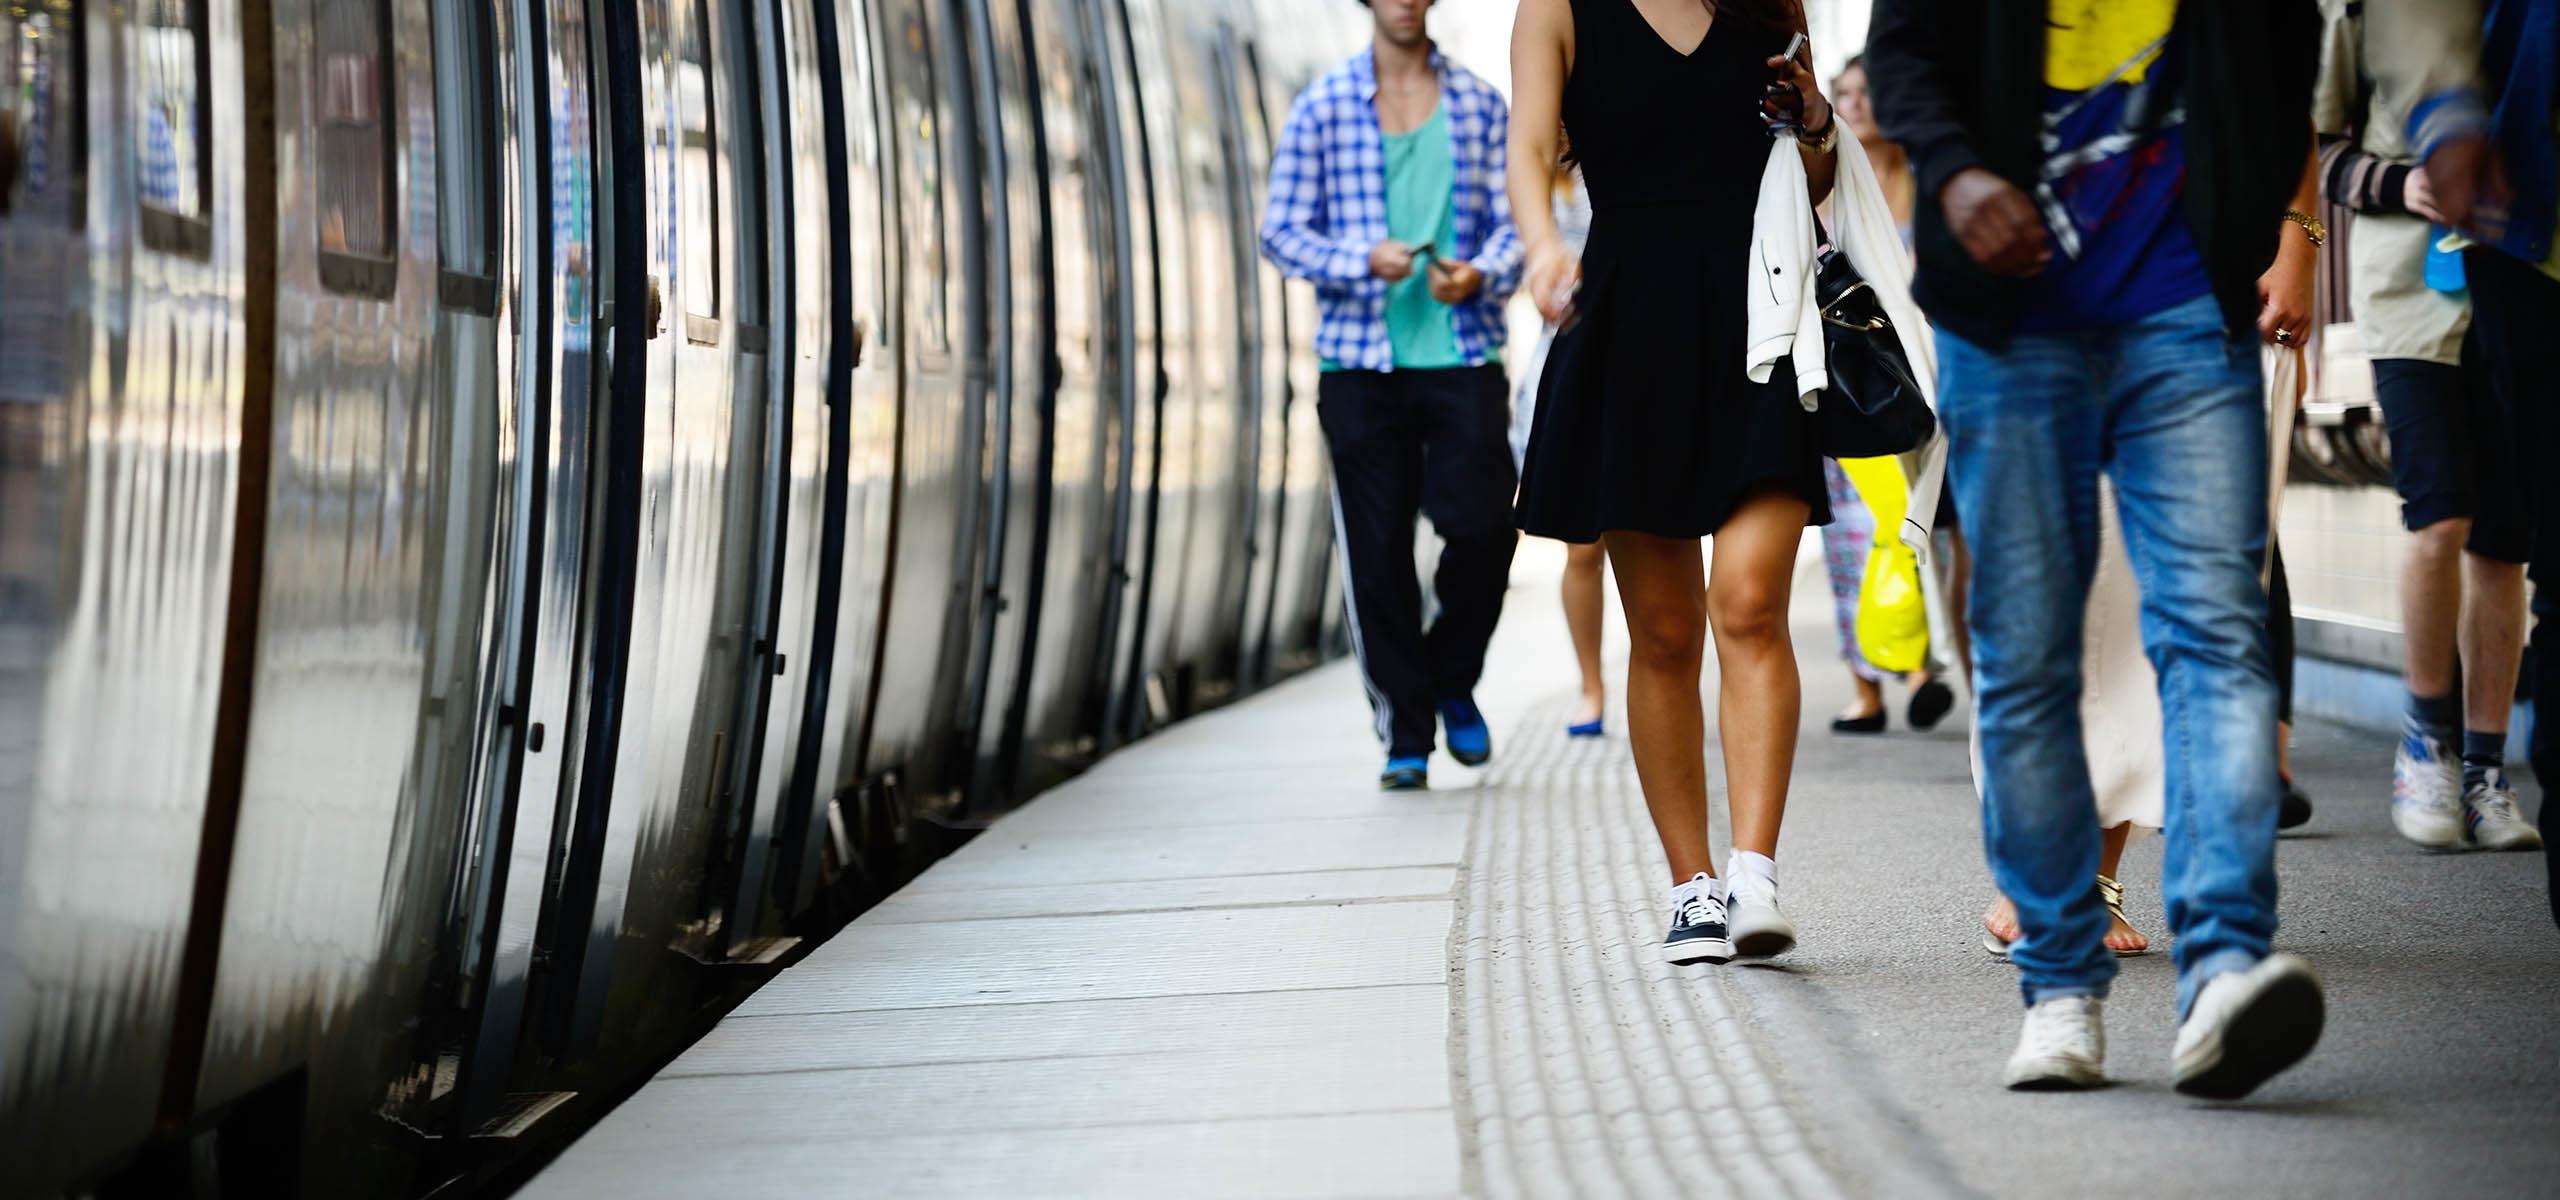 Tågförseningar forskning vid BTH